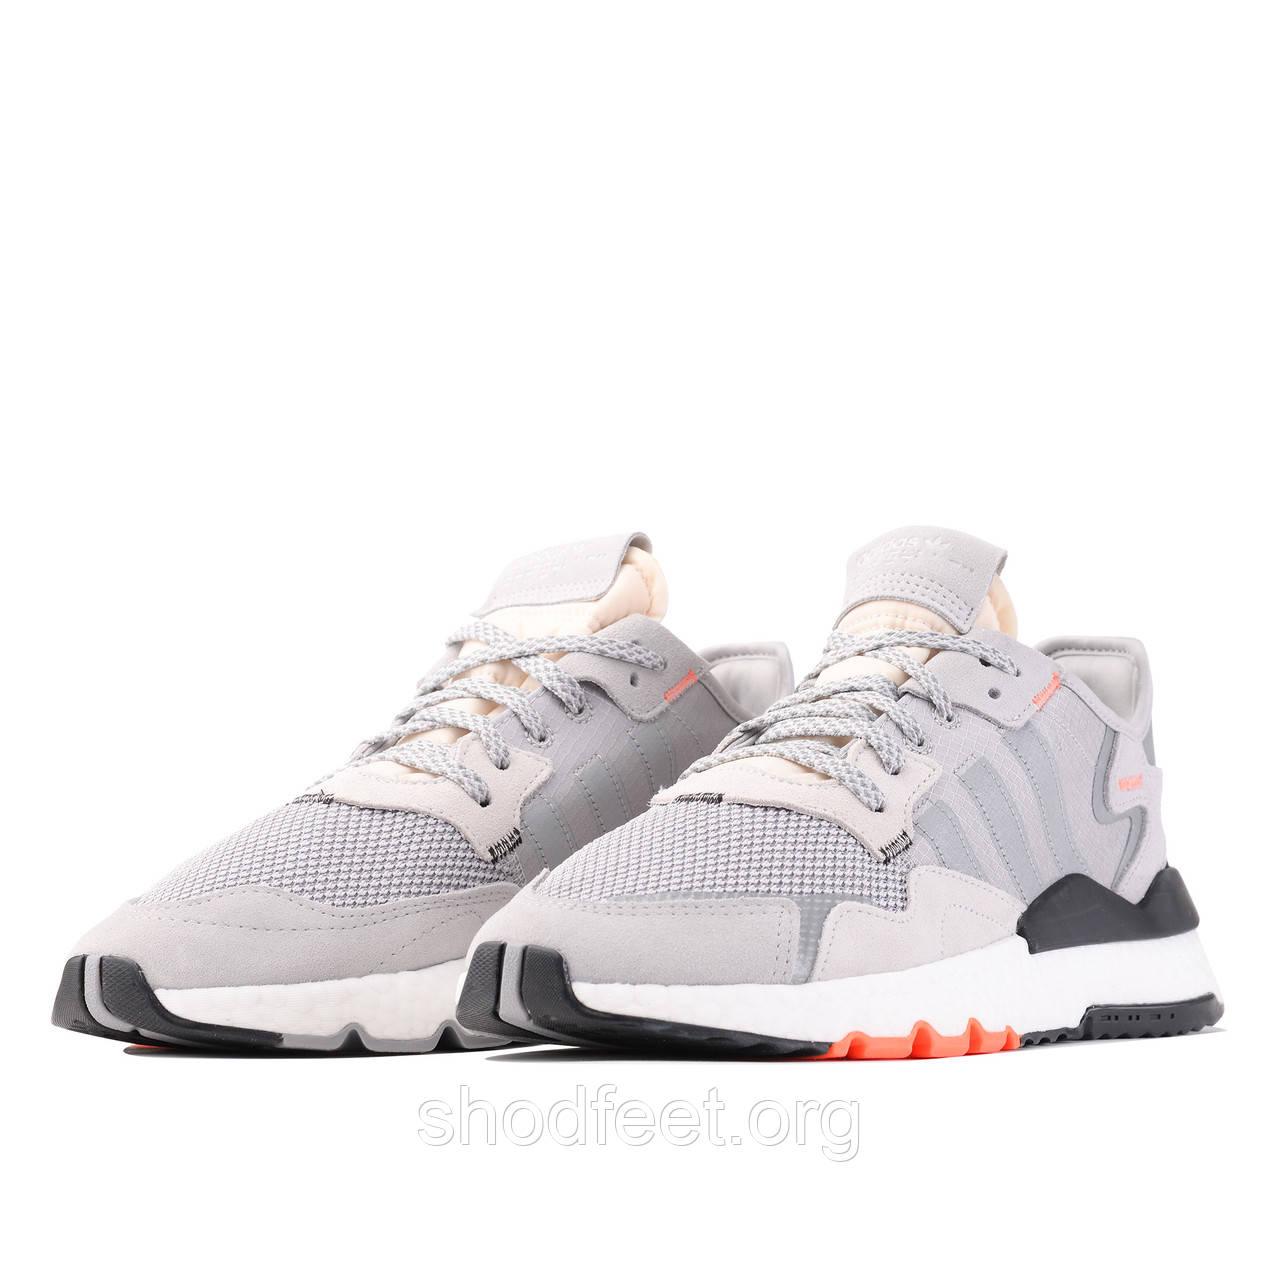 Мужские кроссовки Adidas Nite Jogger Boost Grey